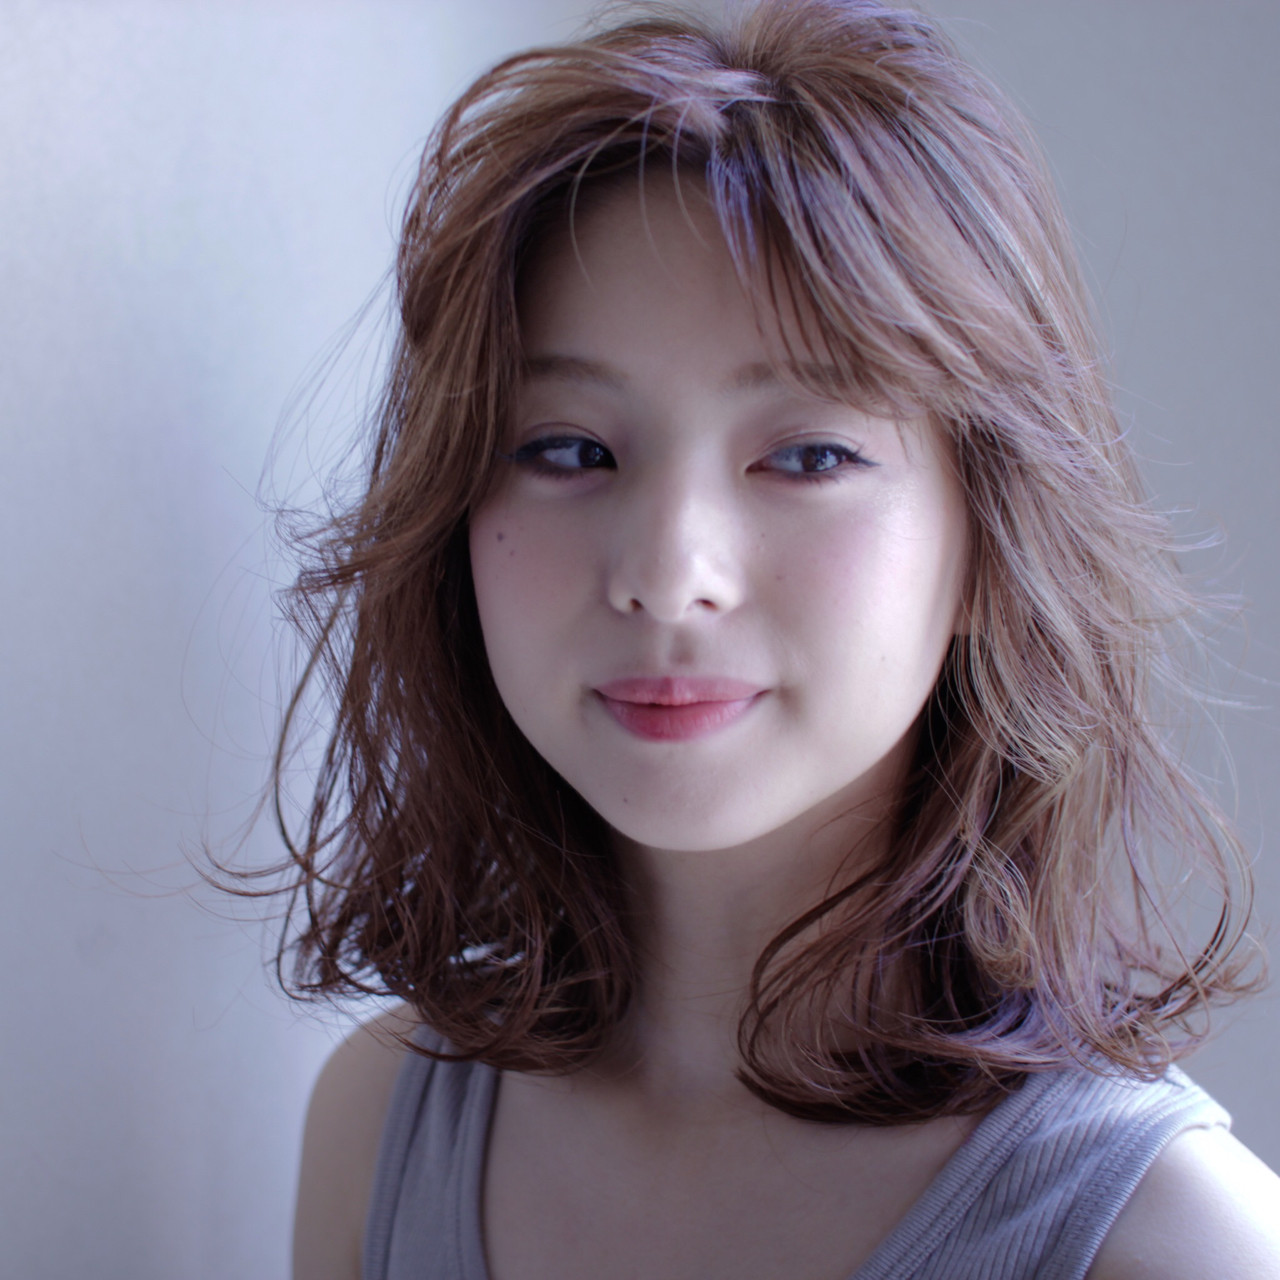 ナチュラル ピュア 色気 ミディアム ヘアスタイルや髪型の写真・画像 | 吉田将大 / chillo